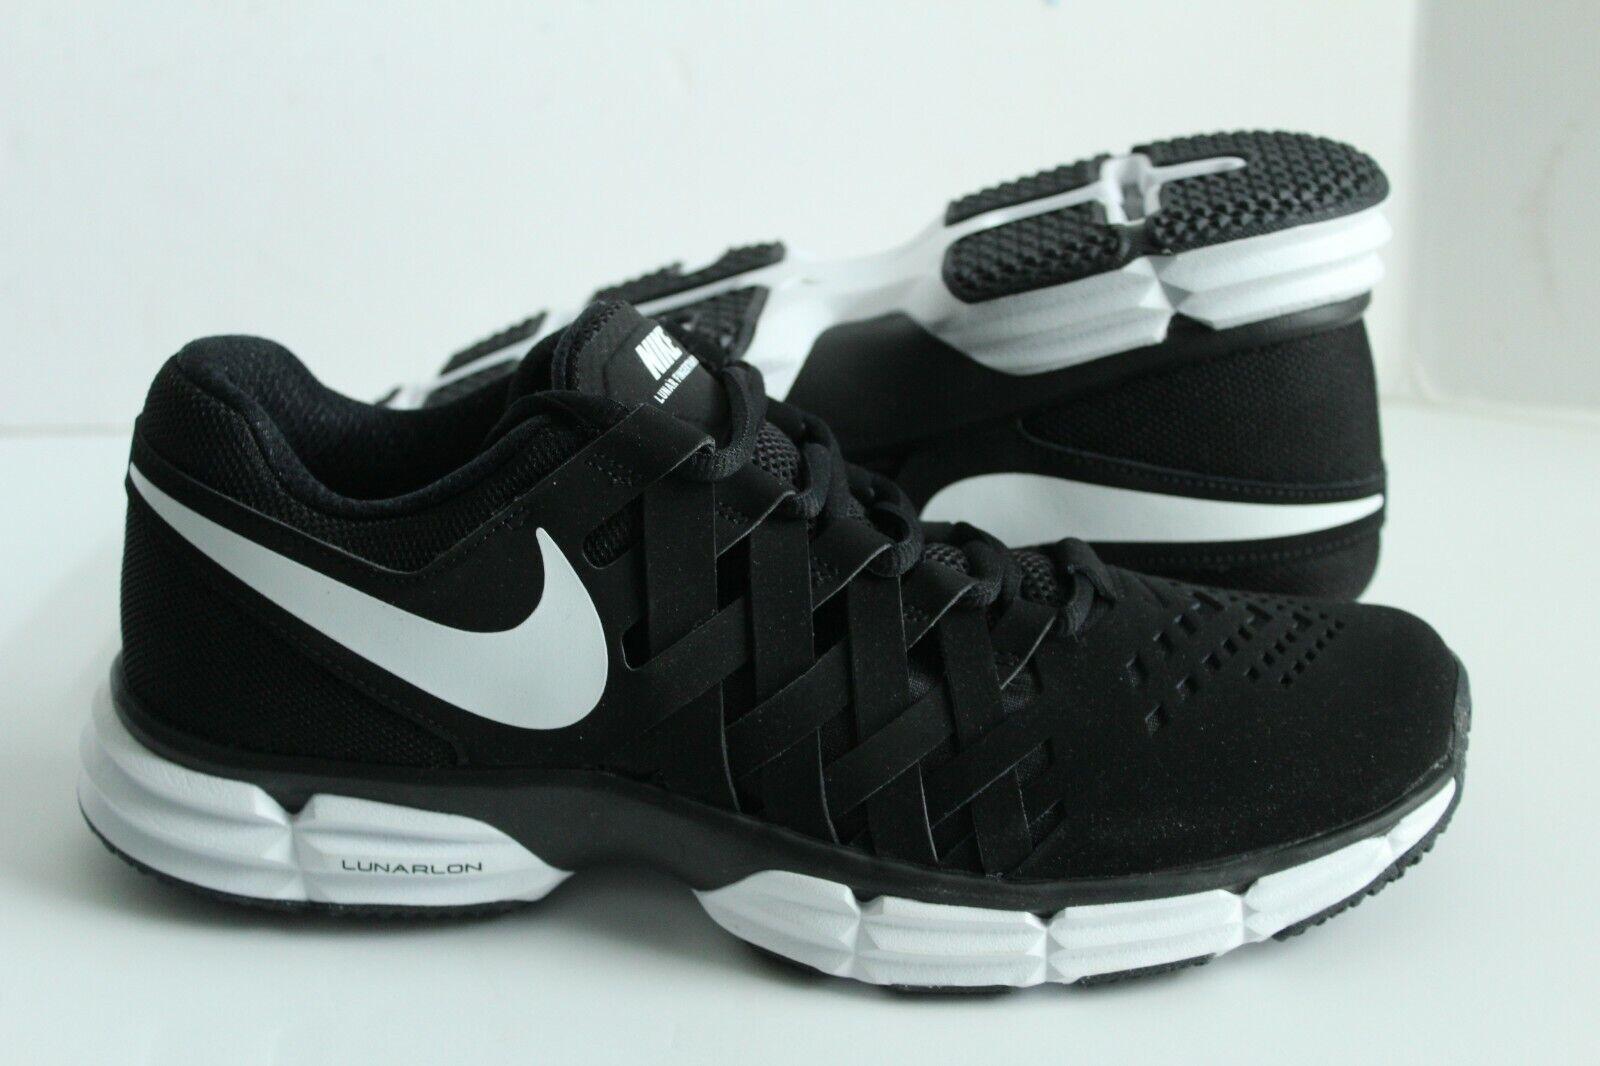 Homme Nike Lunar Fingertrap TR Chaussures De Sport Noir Blanc 898066-001